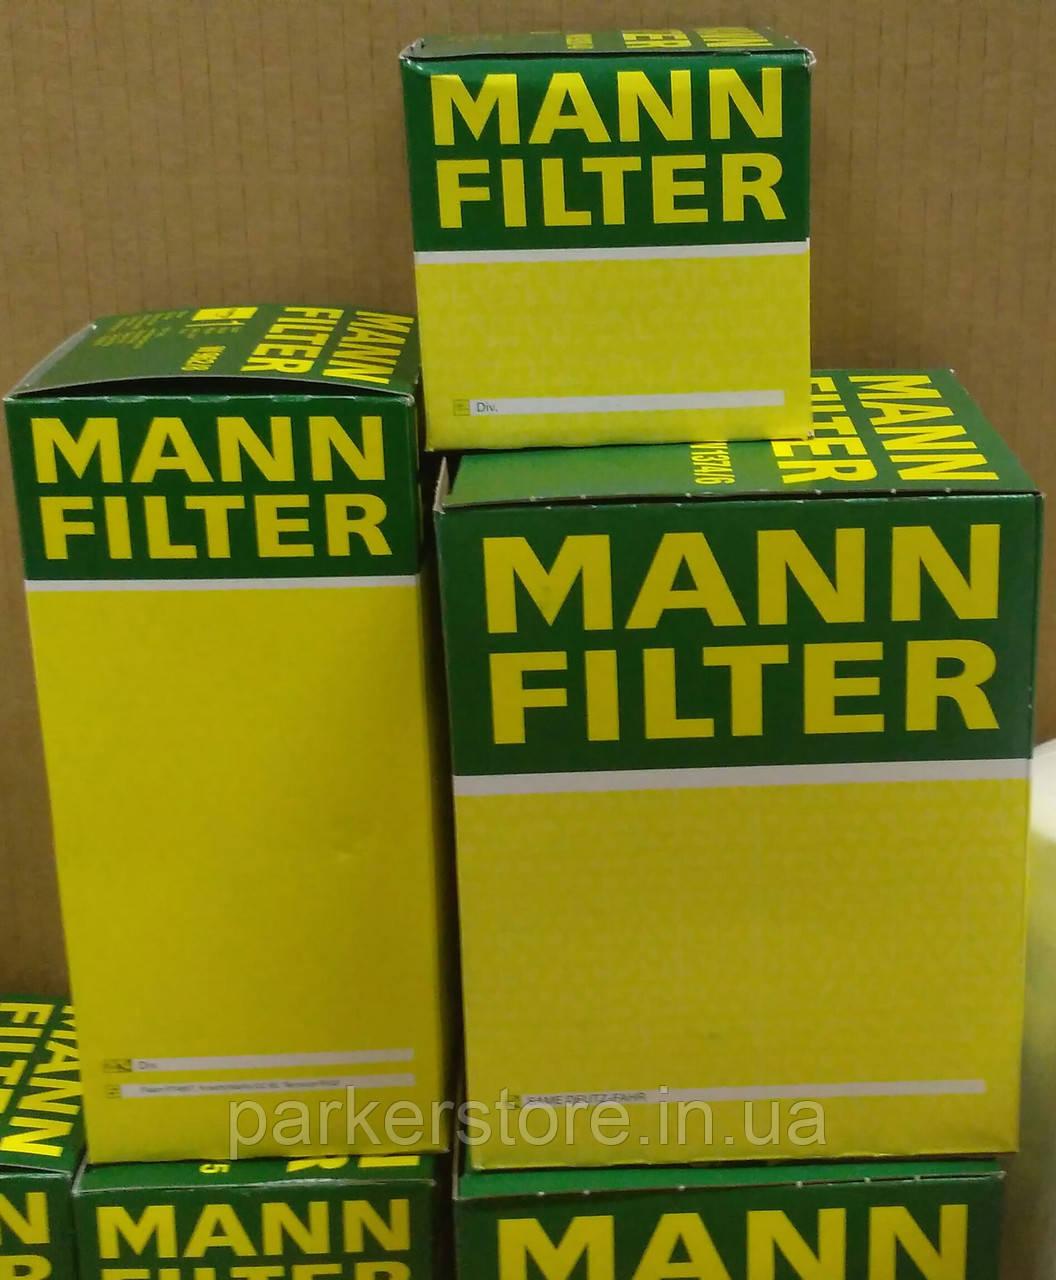 MANN FILTER / Повітряний фільтр / C 2537/2 / C2537/2